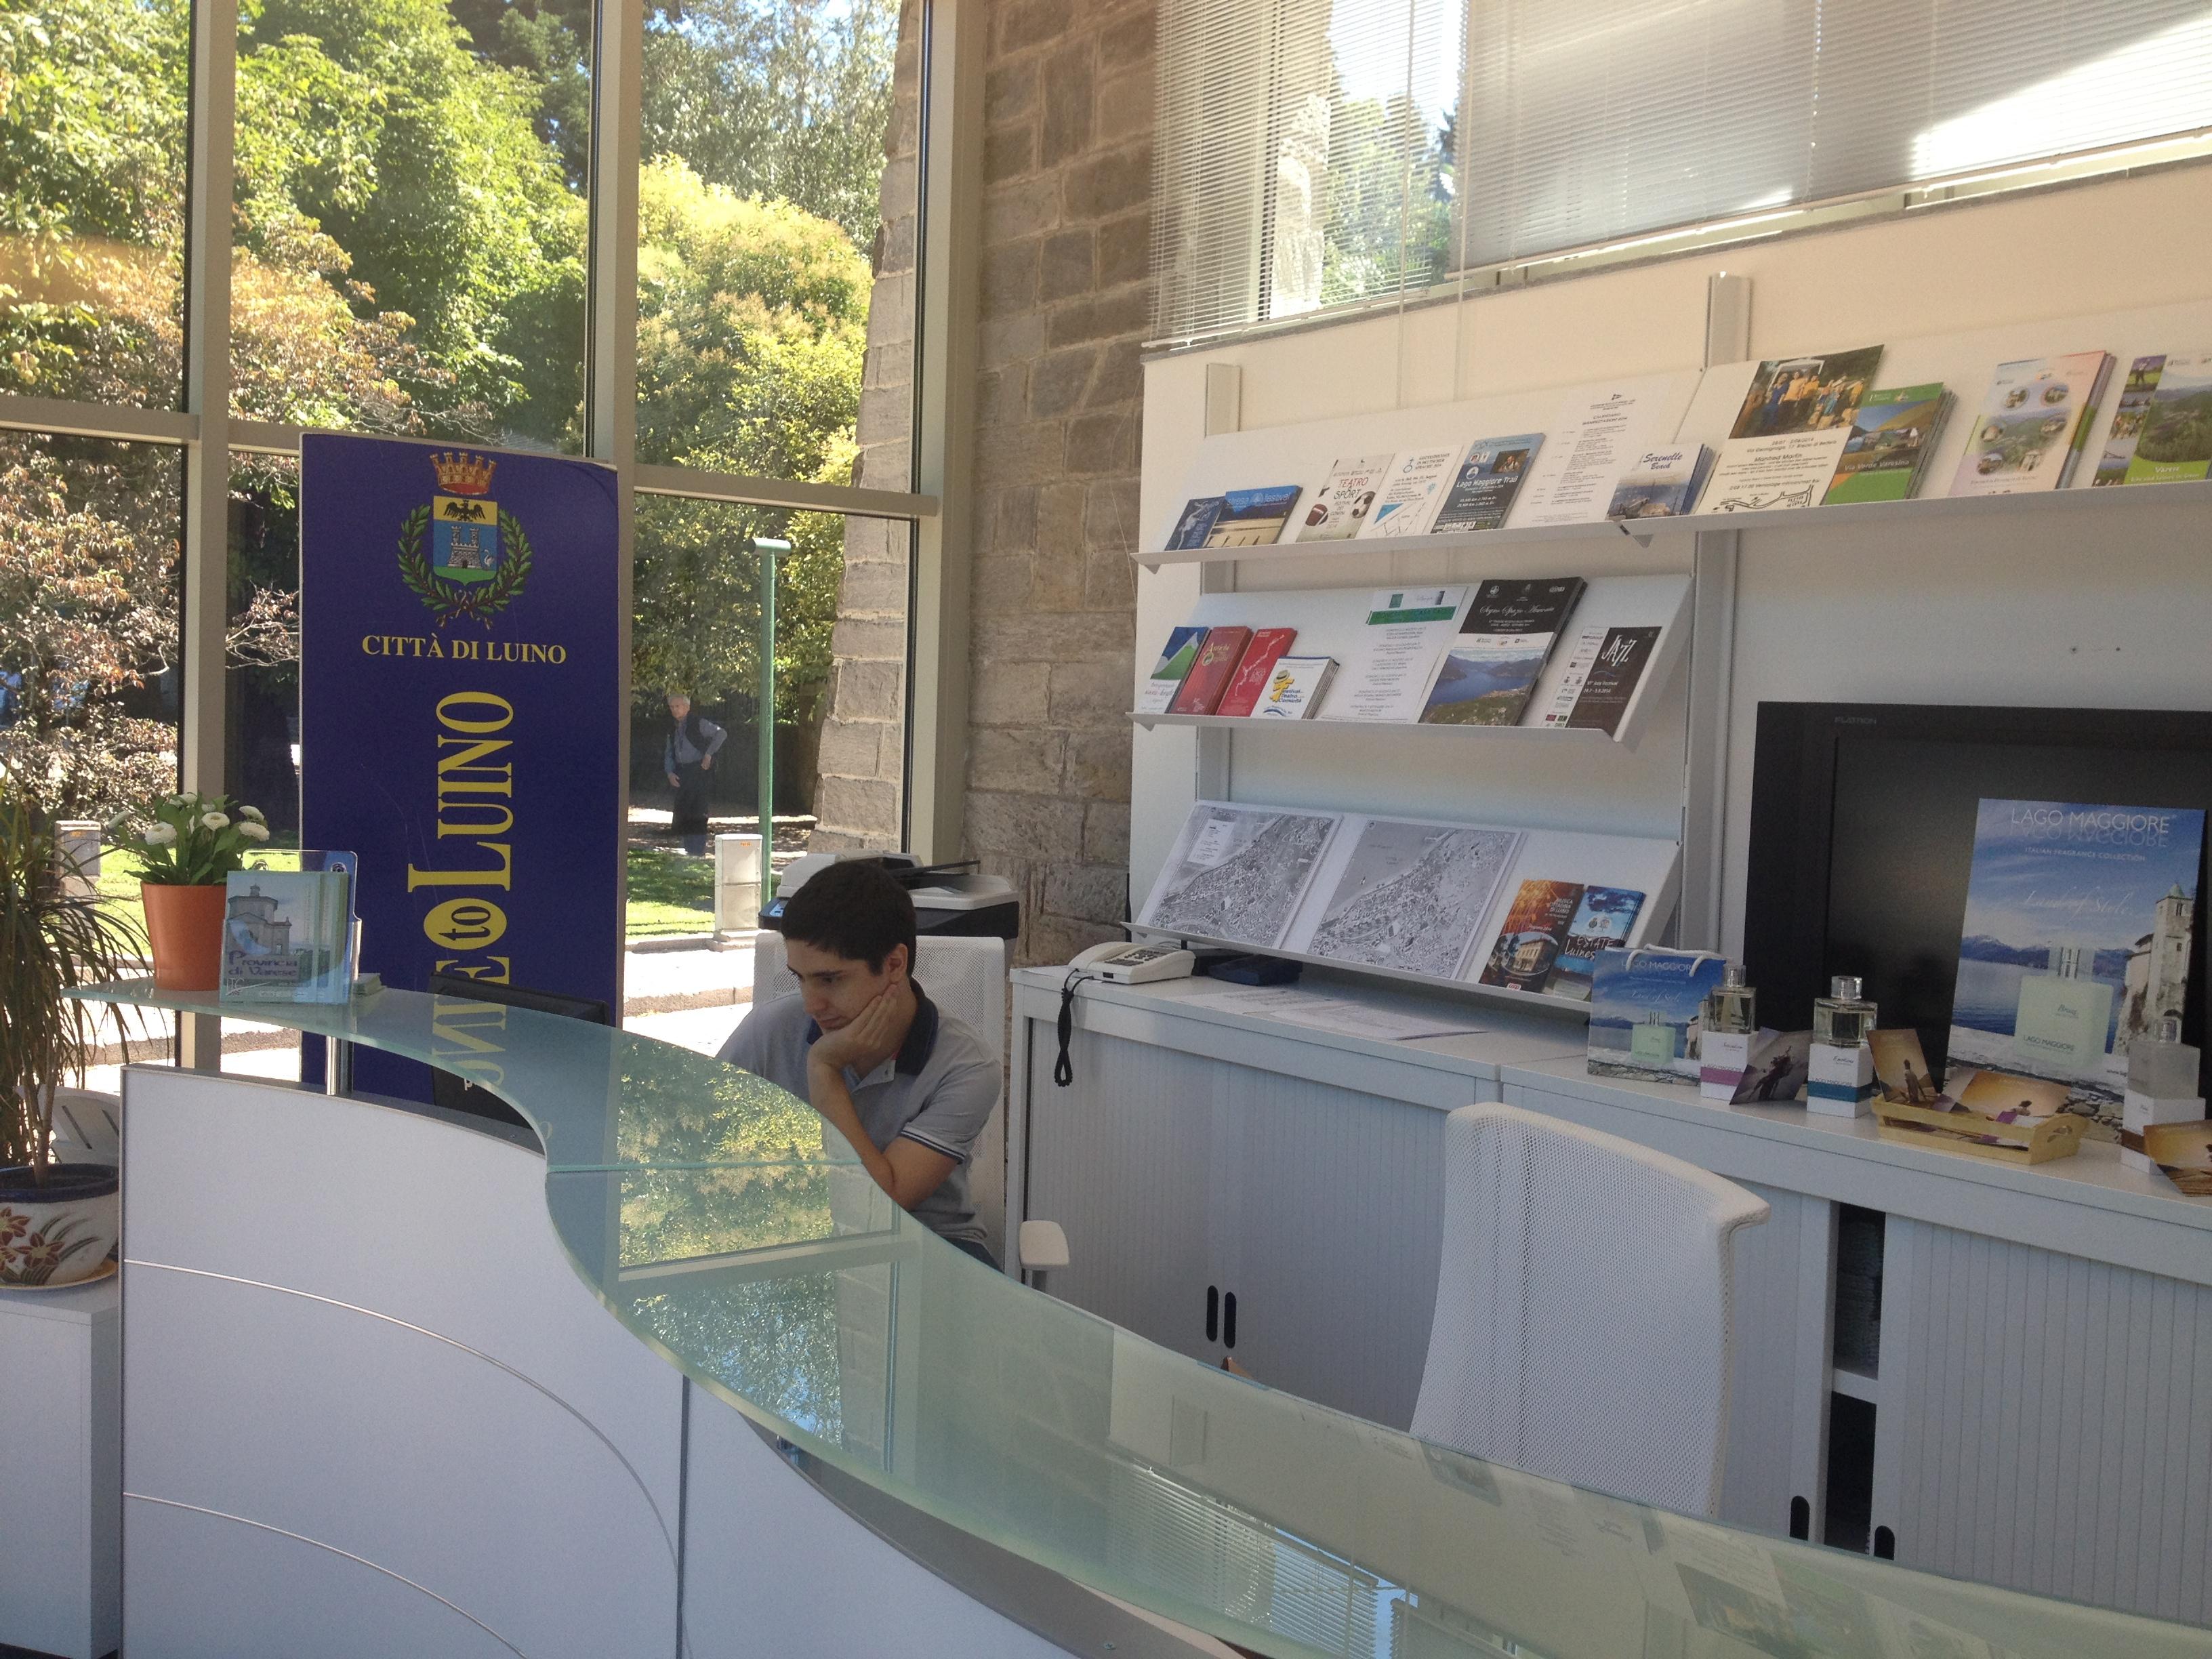 In Ufficio Turismo : Luino inaugurato questa mattina il nuovo ufficio turistico ecco